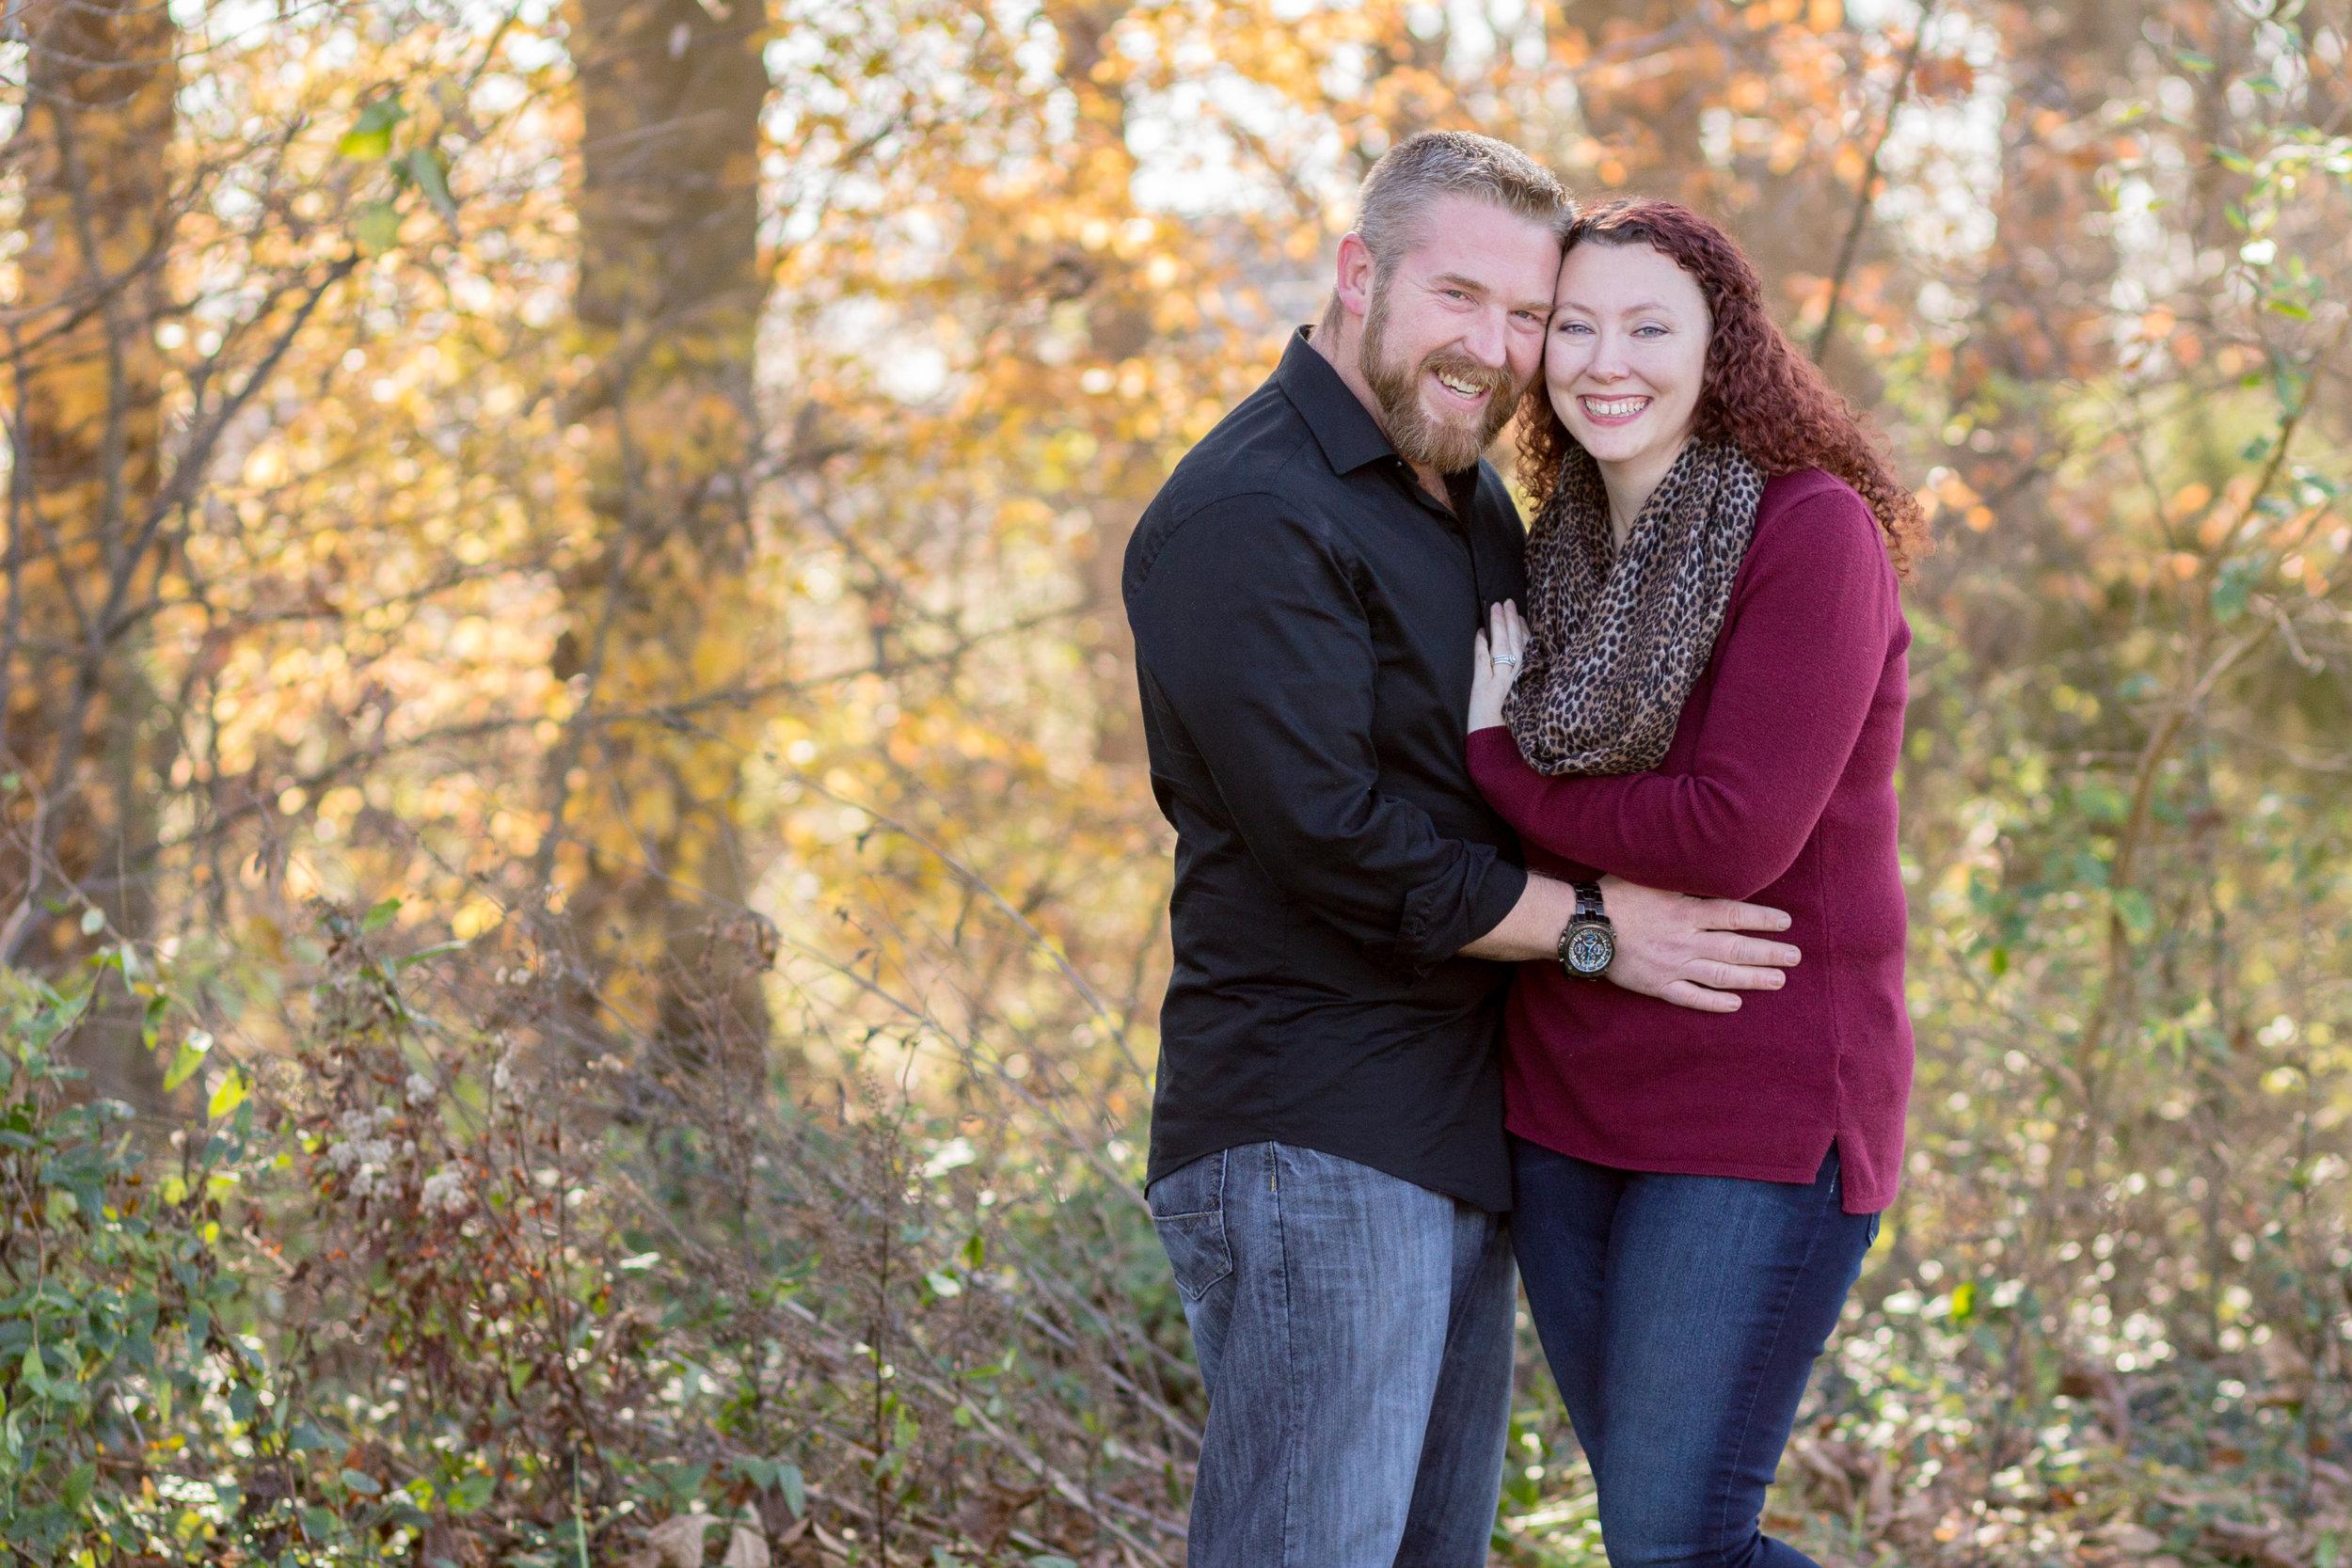 philadelphia-lifestyle-photography-couple-session-lytle-photo-company (18).jpg